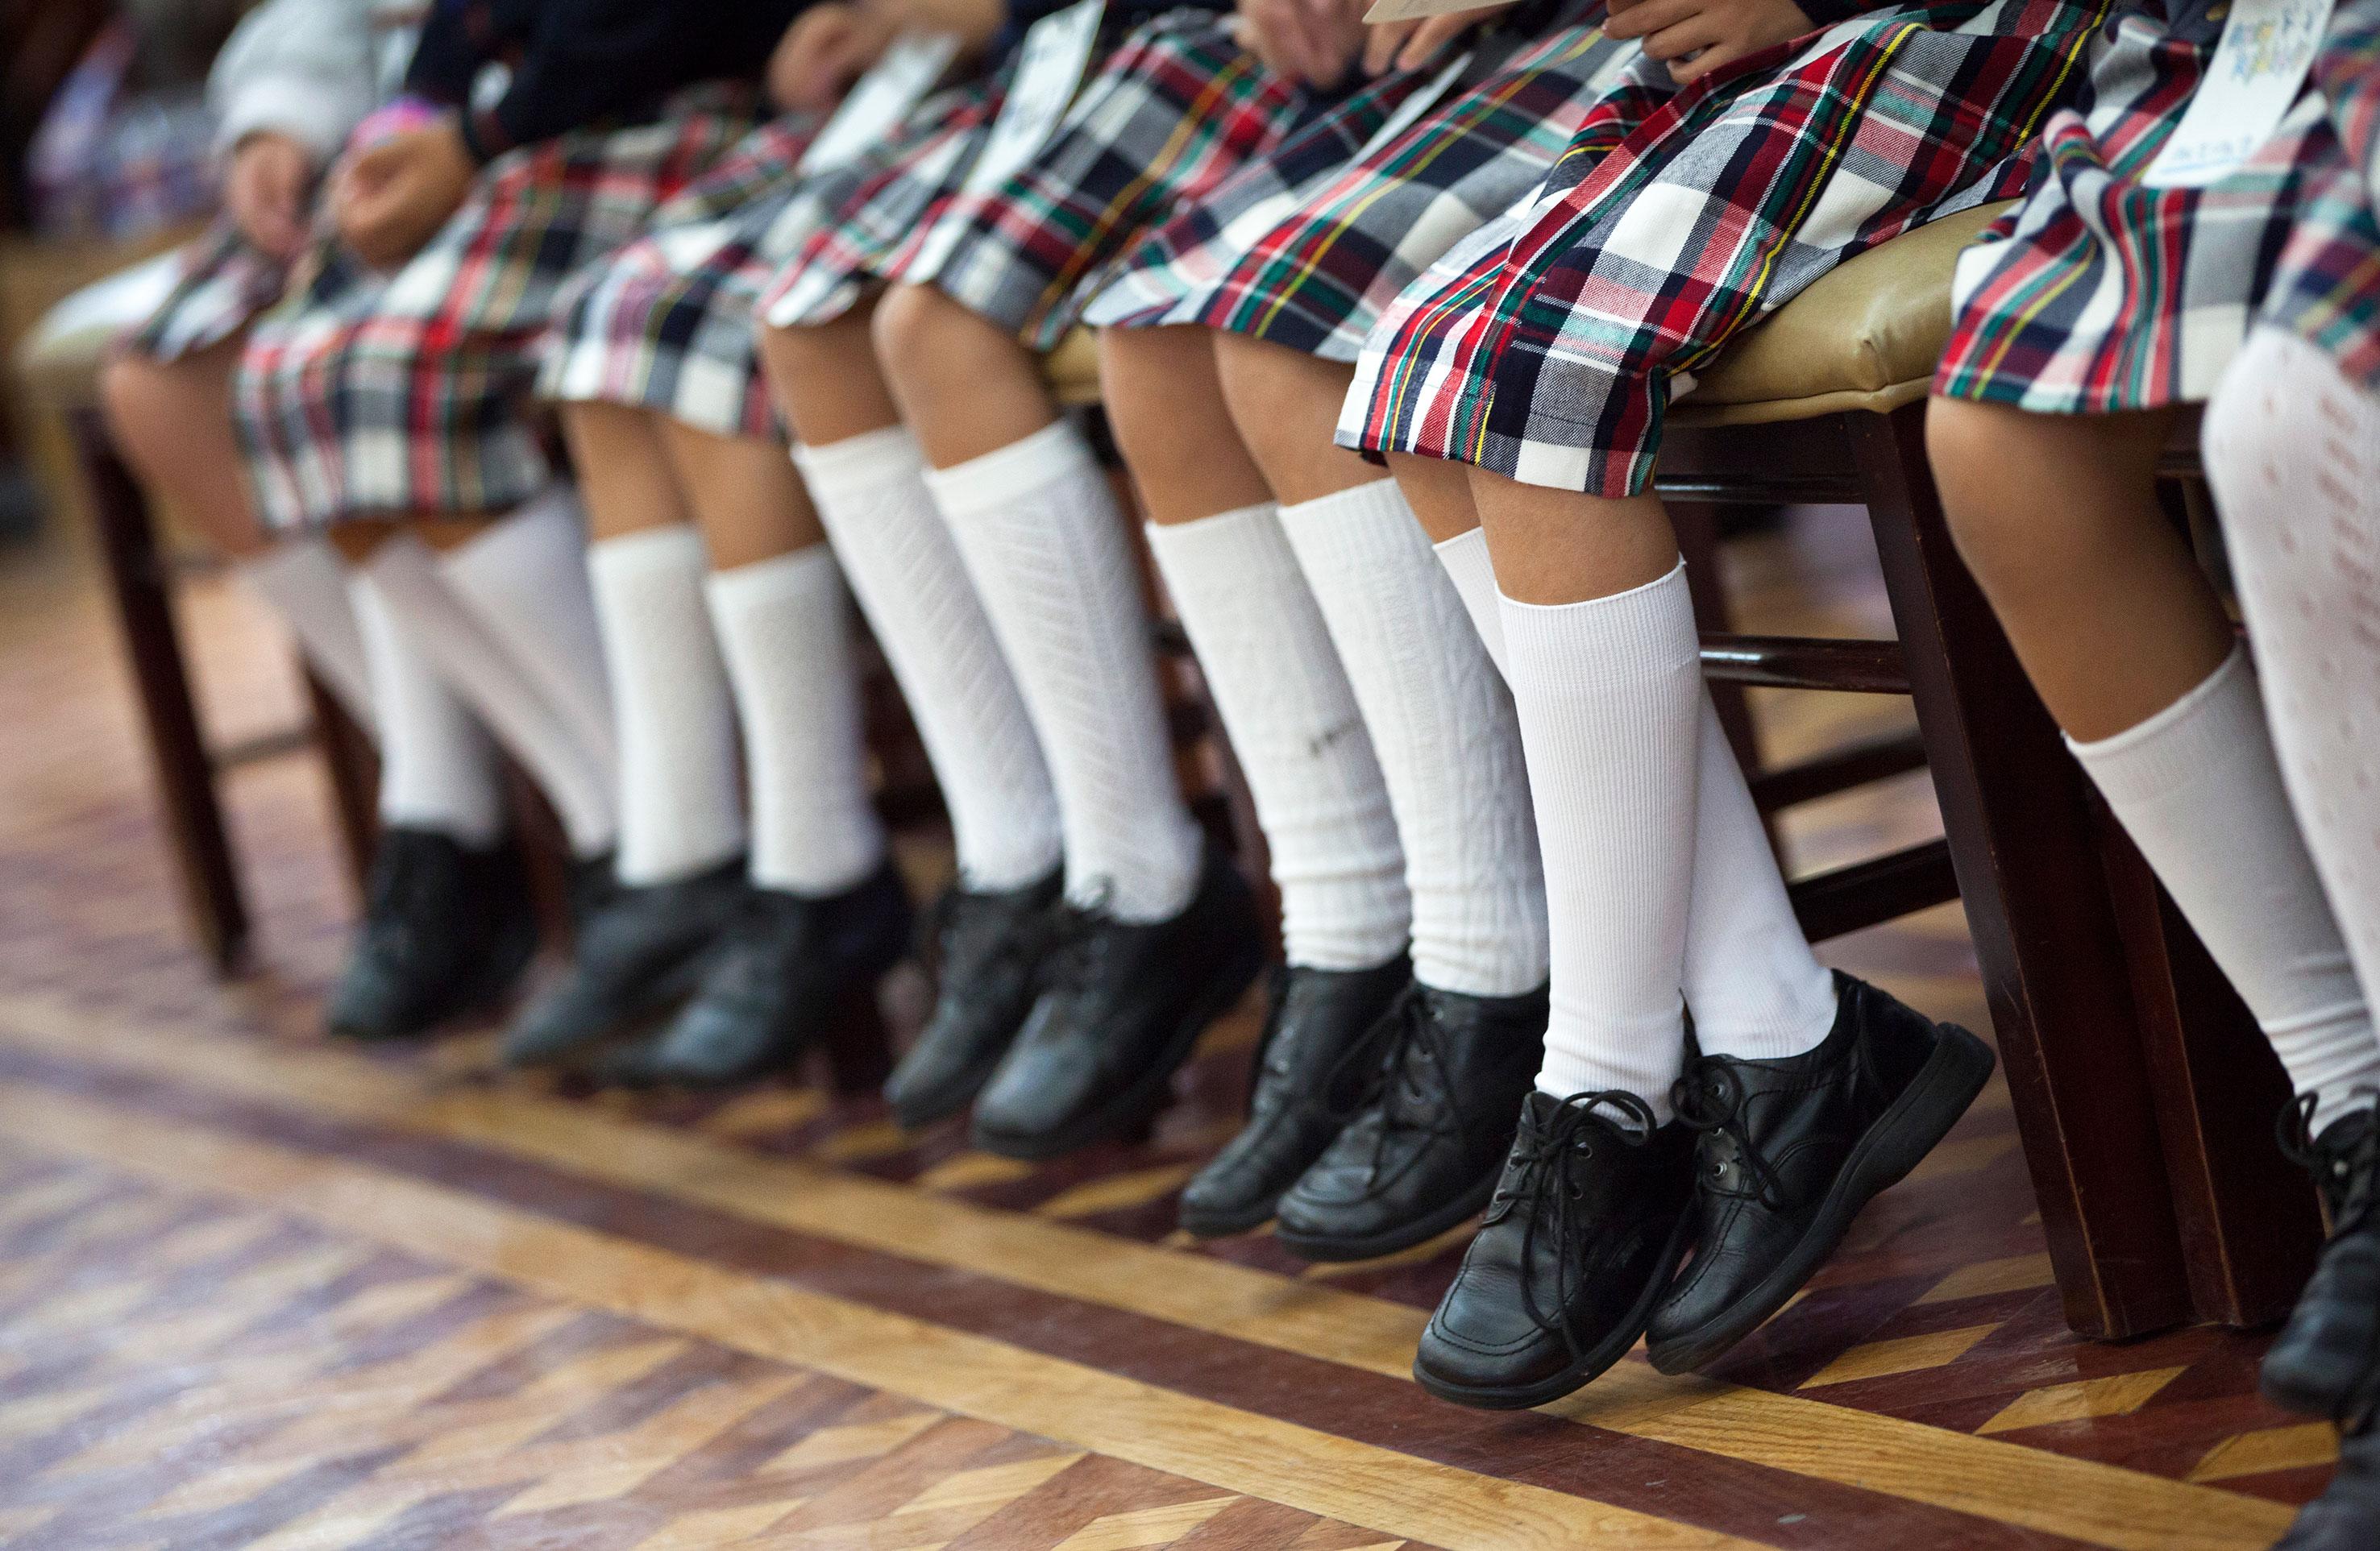 В Великобритании теперь школьники будут носить гендерно нейтральную форму